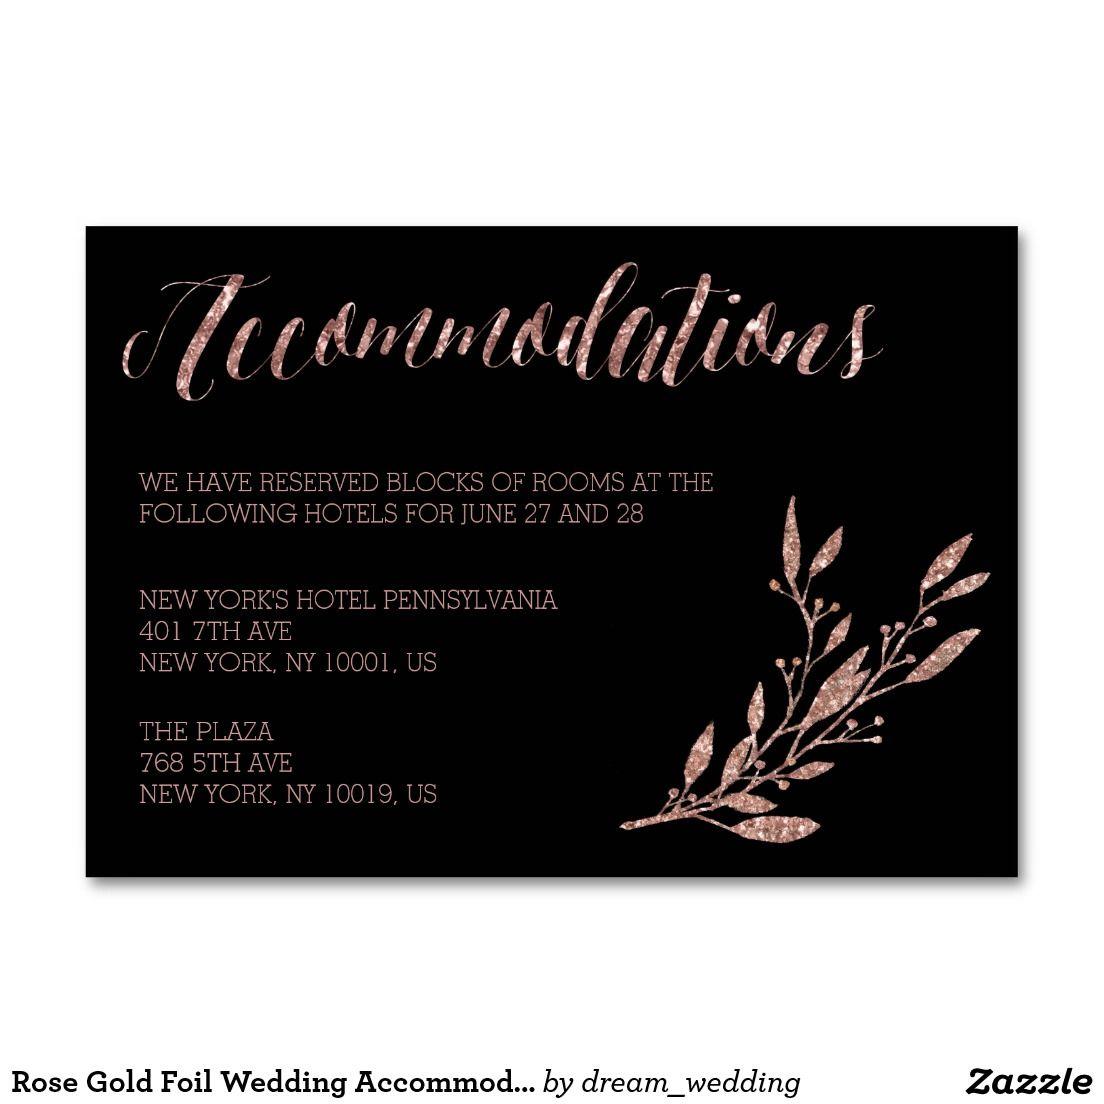 Rose Gold Foil Wedding Accommodation Floral Black